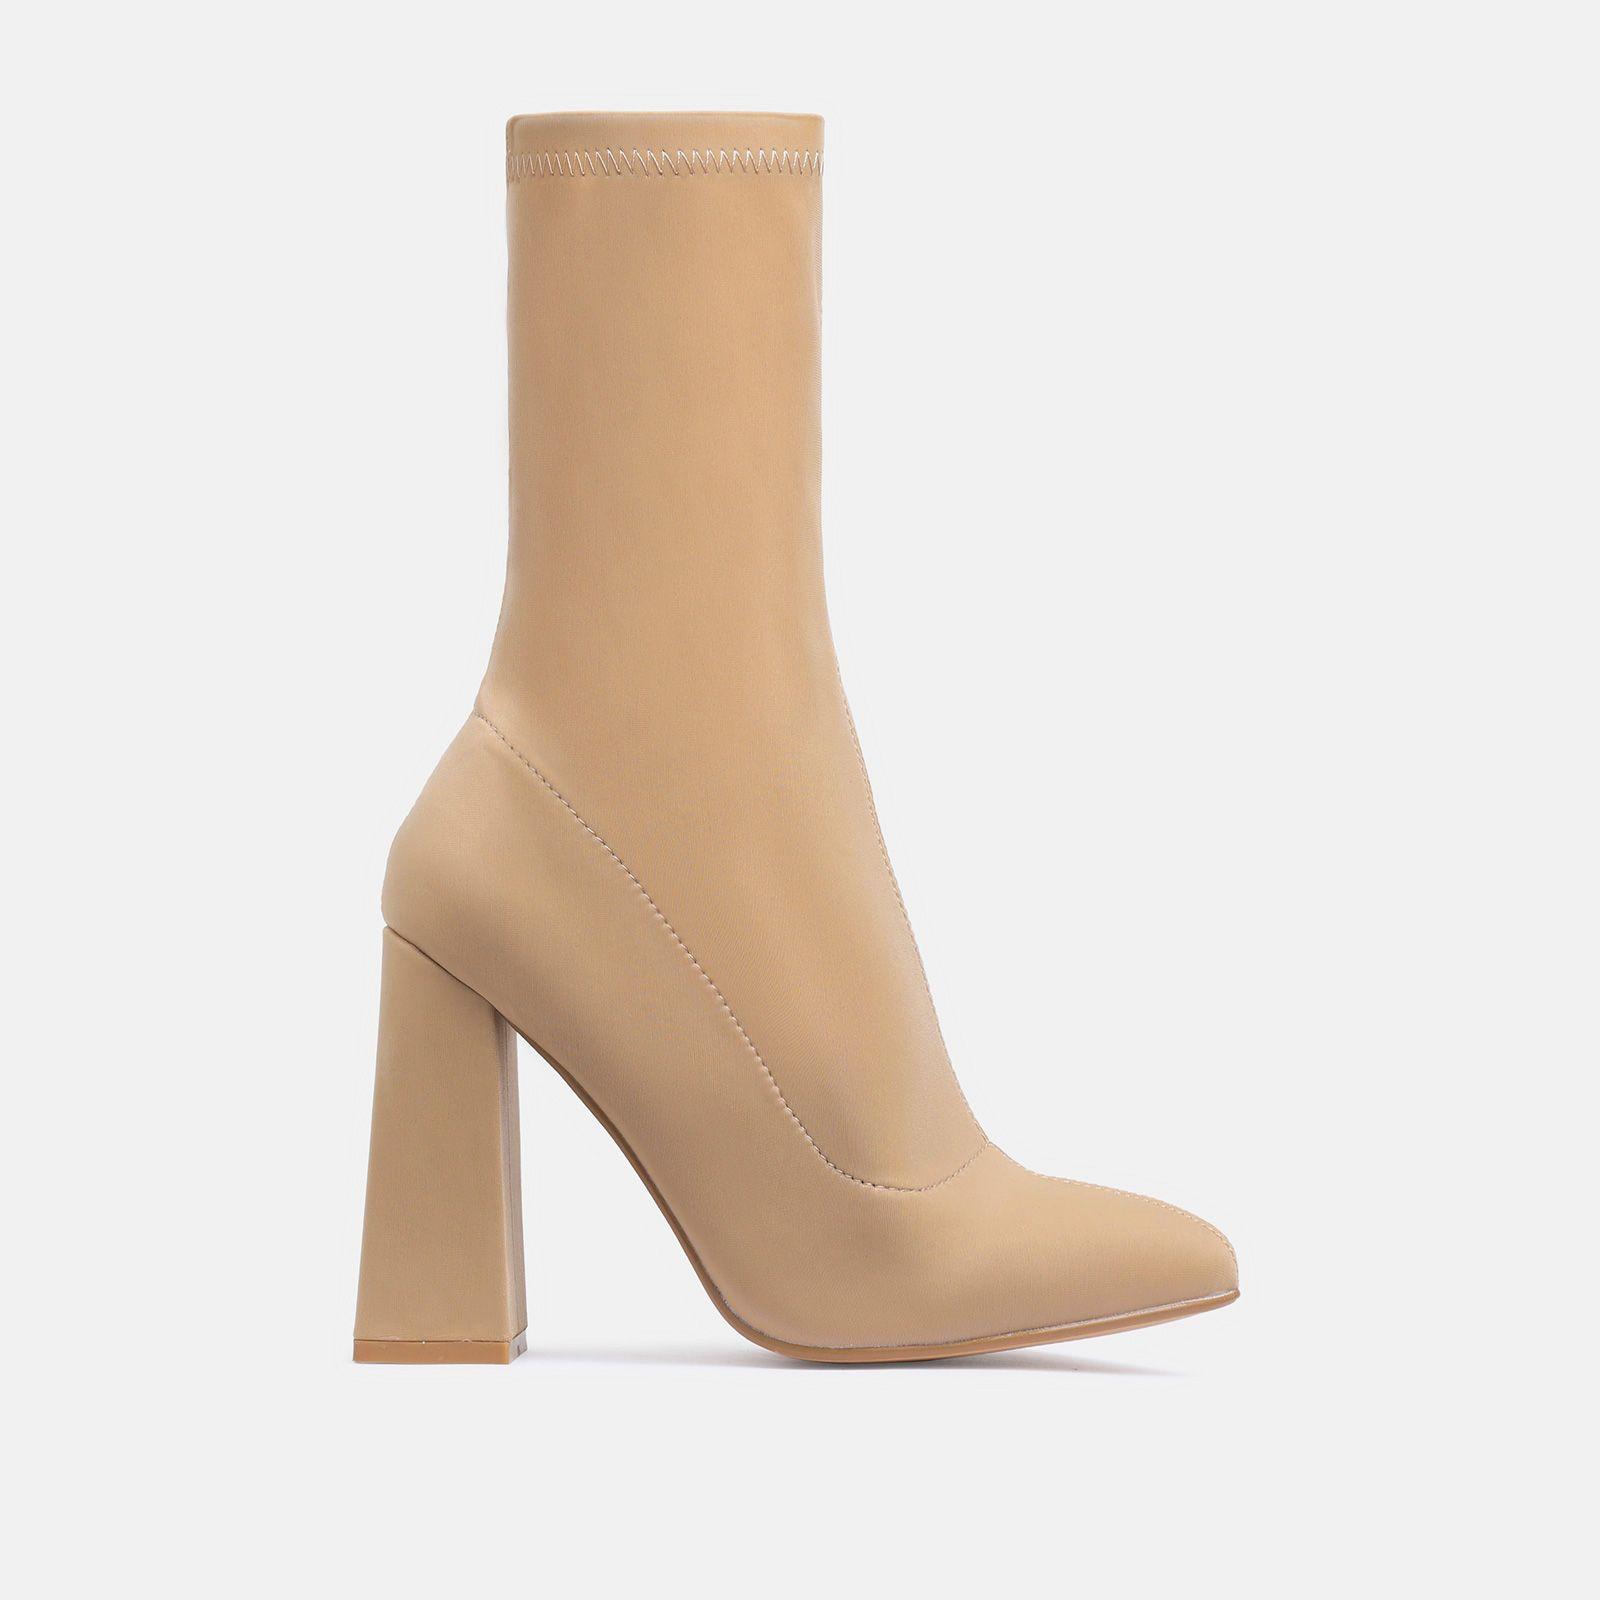 Chesta Block Heel Ankle Boot In Nude